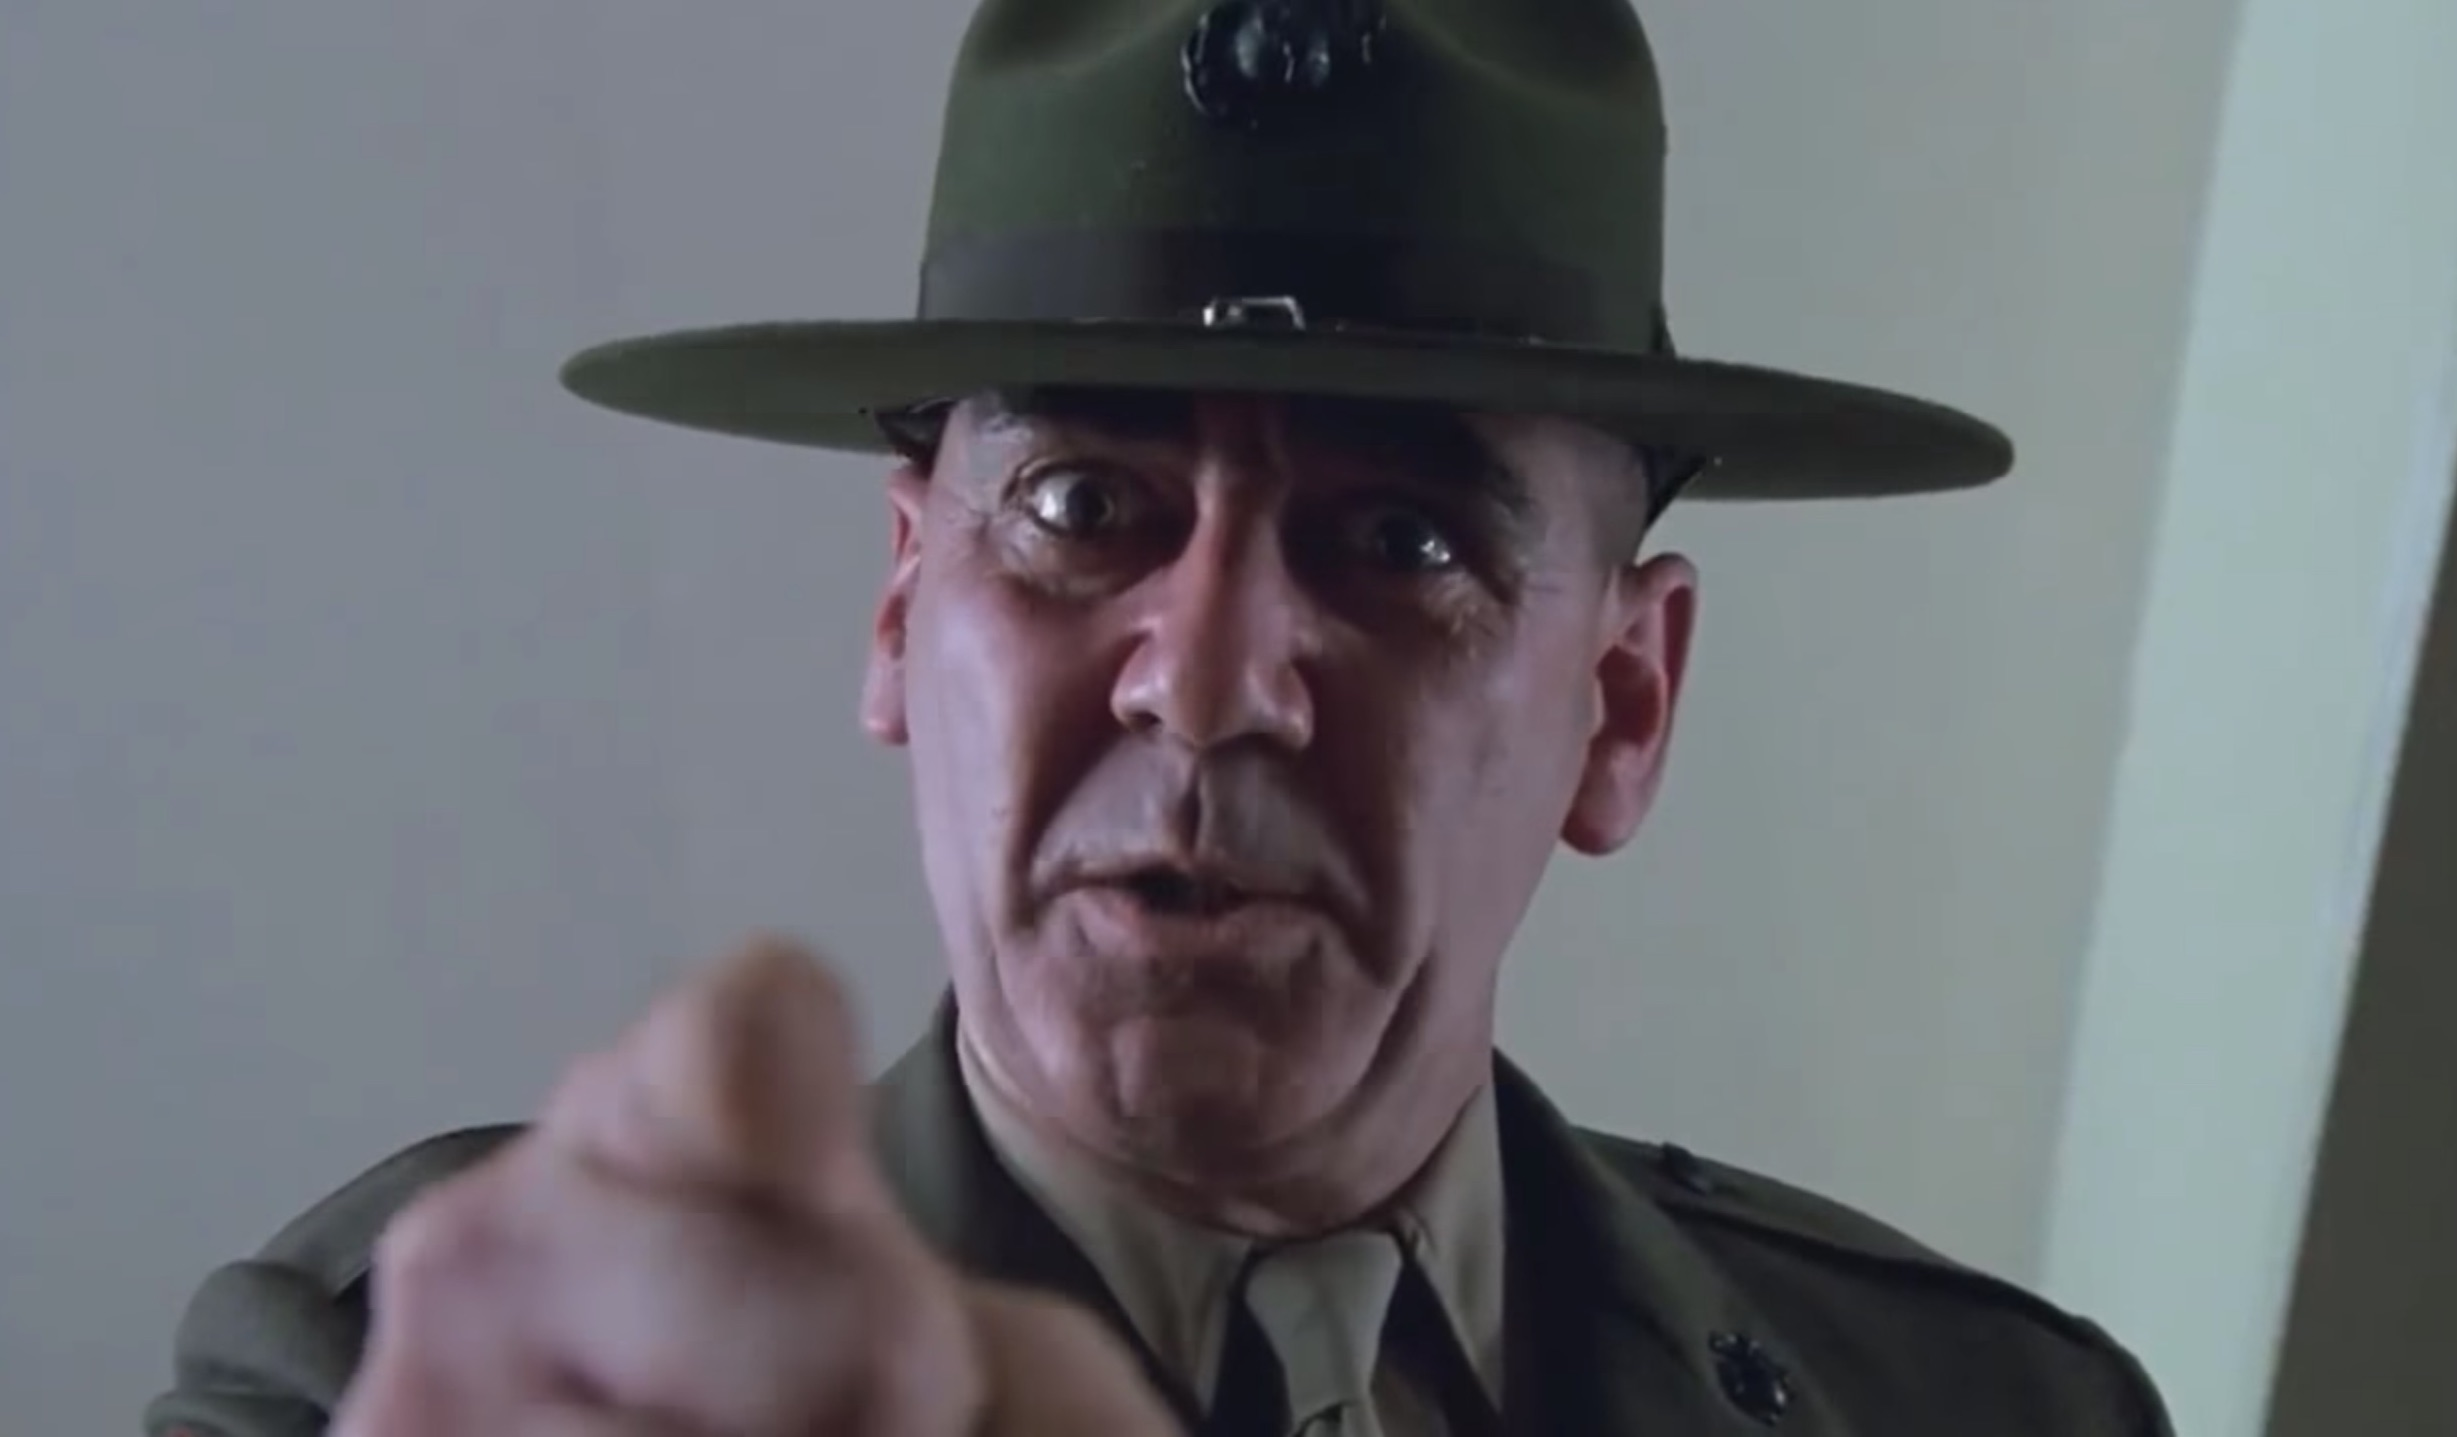 R Lee Ermey Full Metal Jacket Yelling R. Lee Ermey, l'acteur...